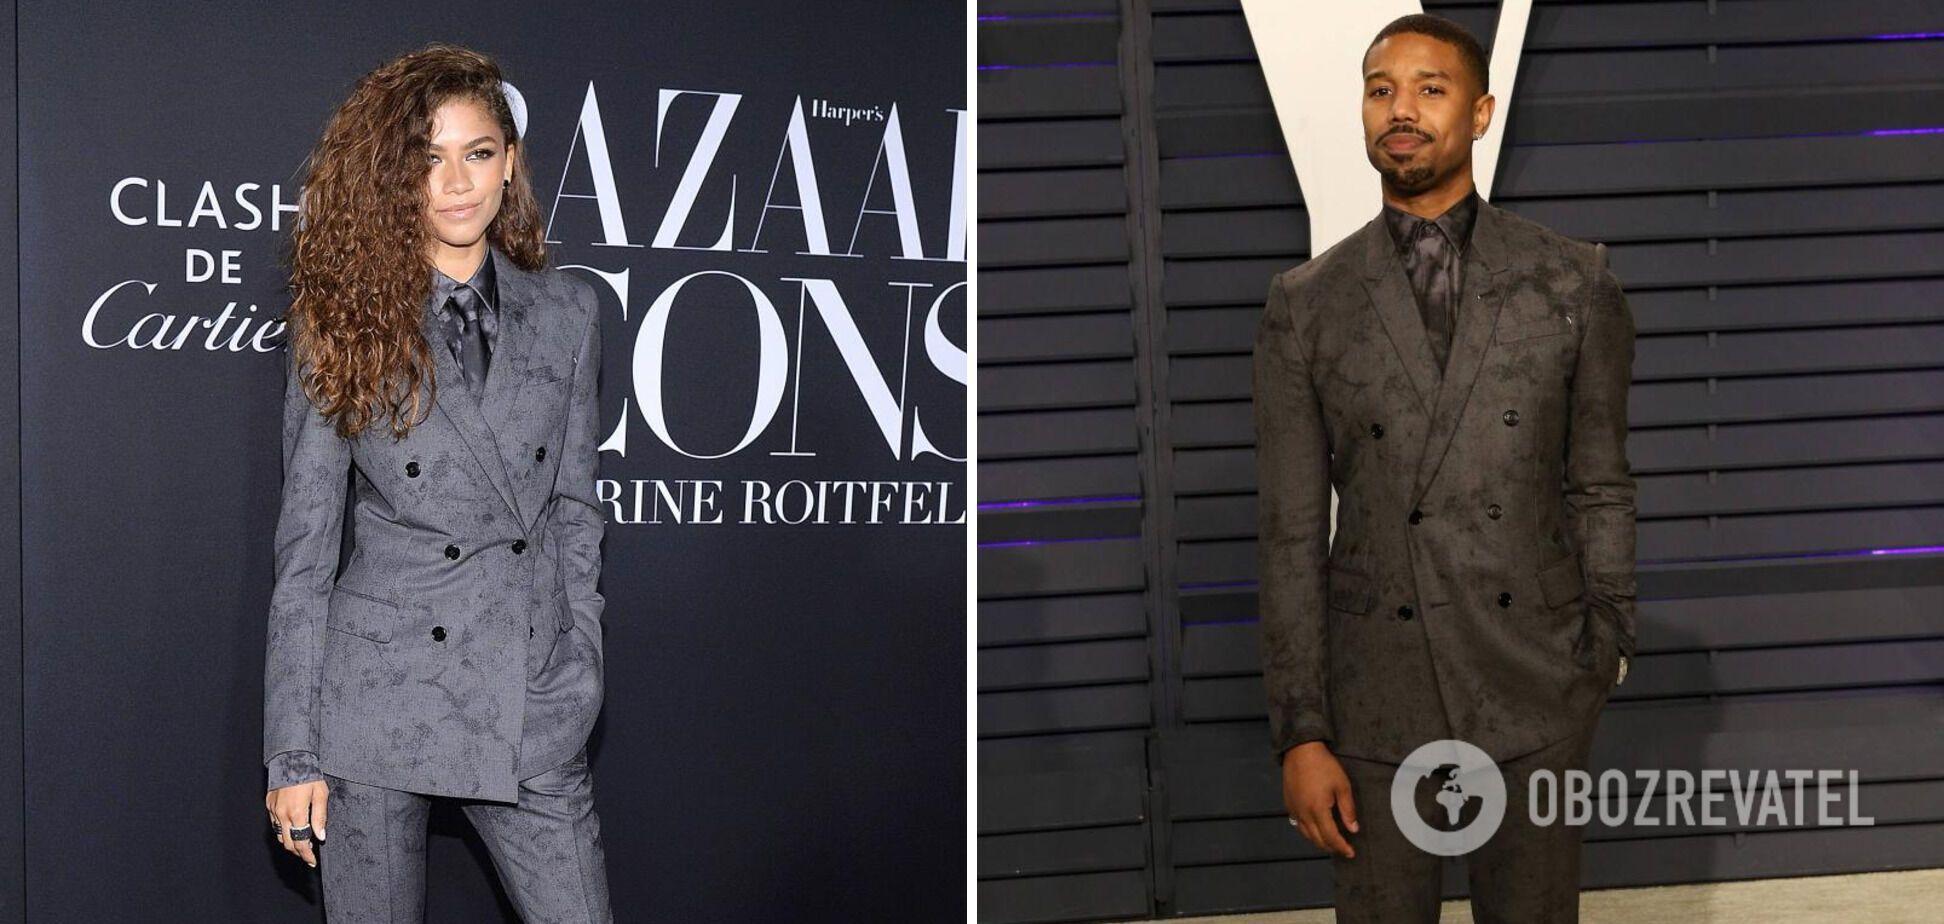 Зендая и Майкл Джордан на мероприятии были в одинаковых классических костюмах.